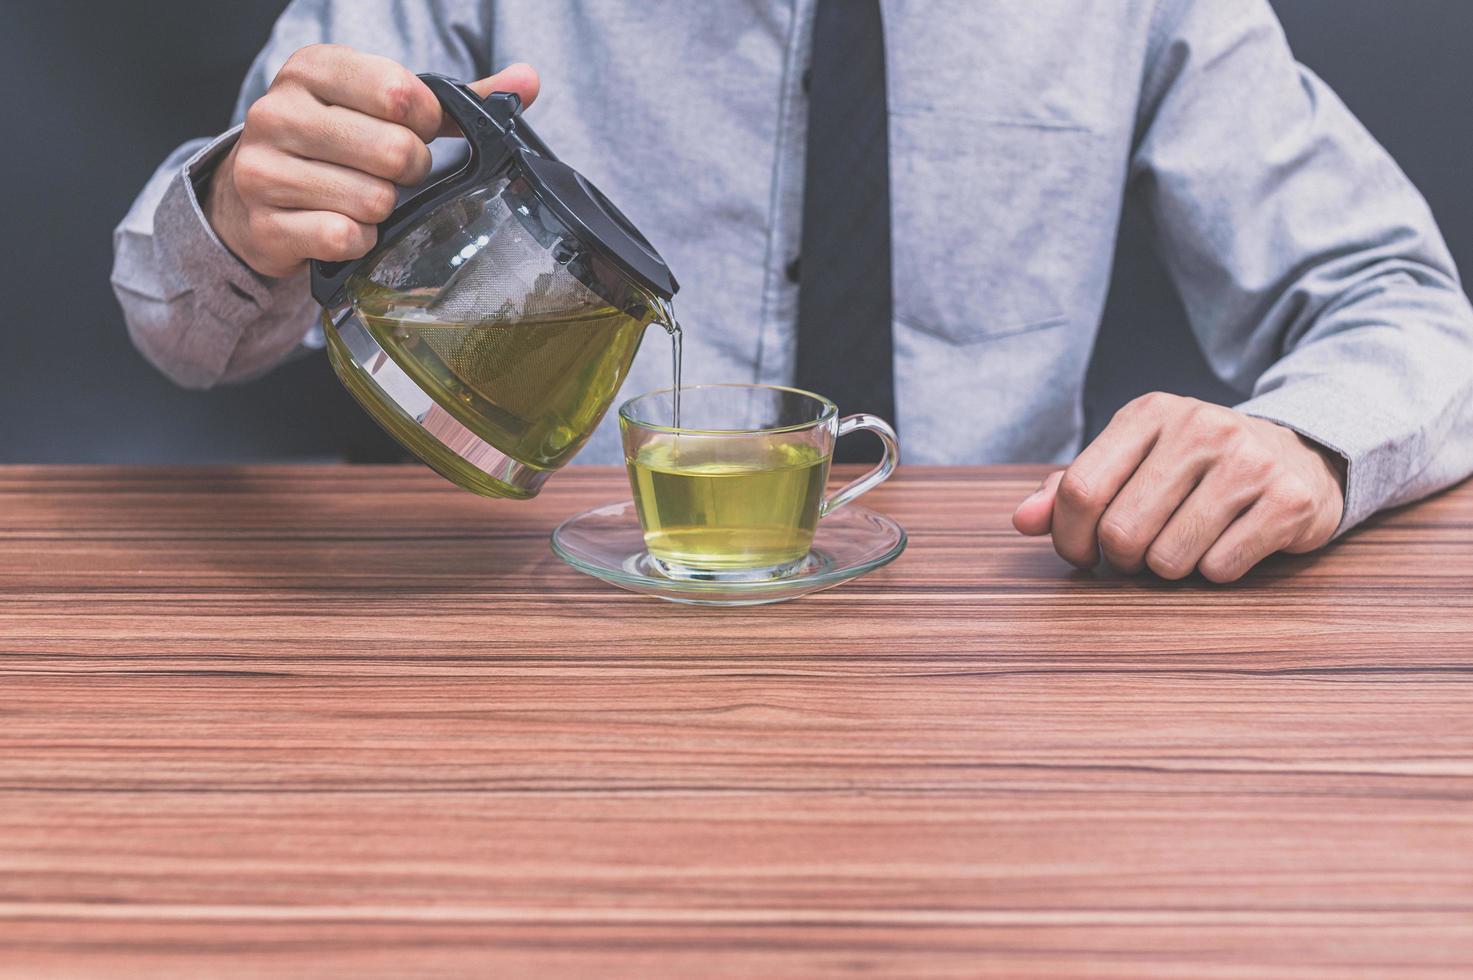 un uomo che versa una tazza di tè foto